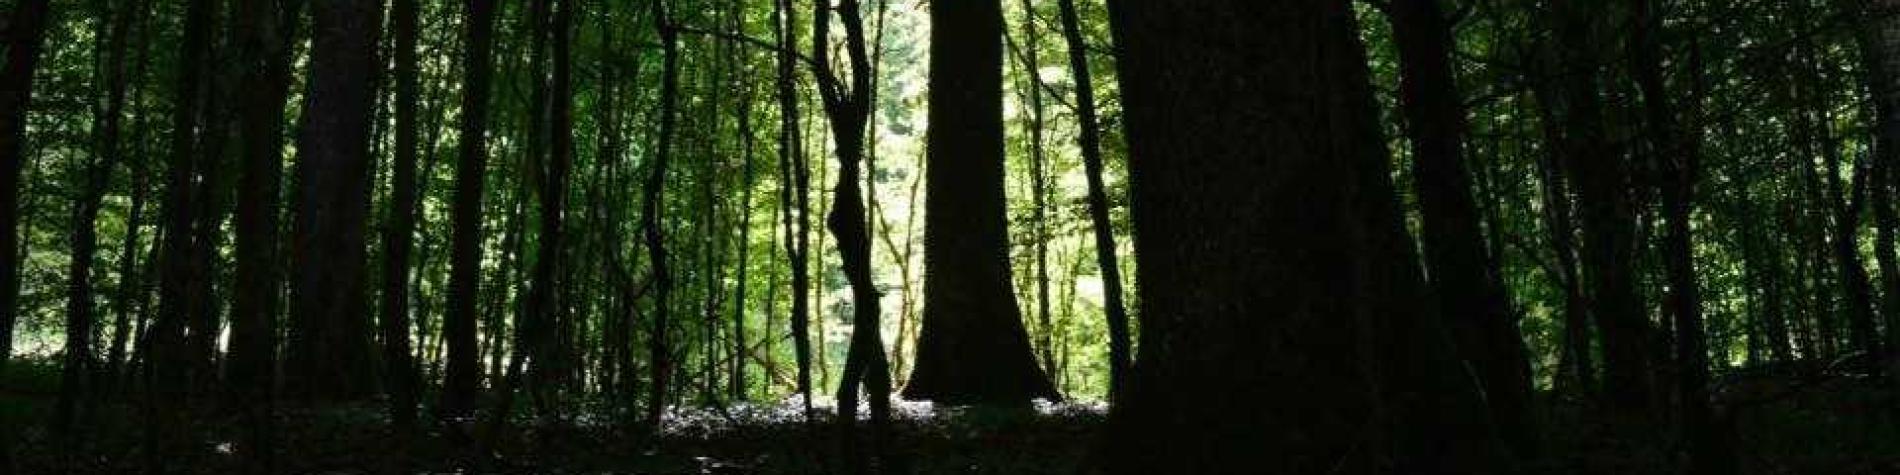 EcoSophia - Sylvothérapie au coeur des forêts